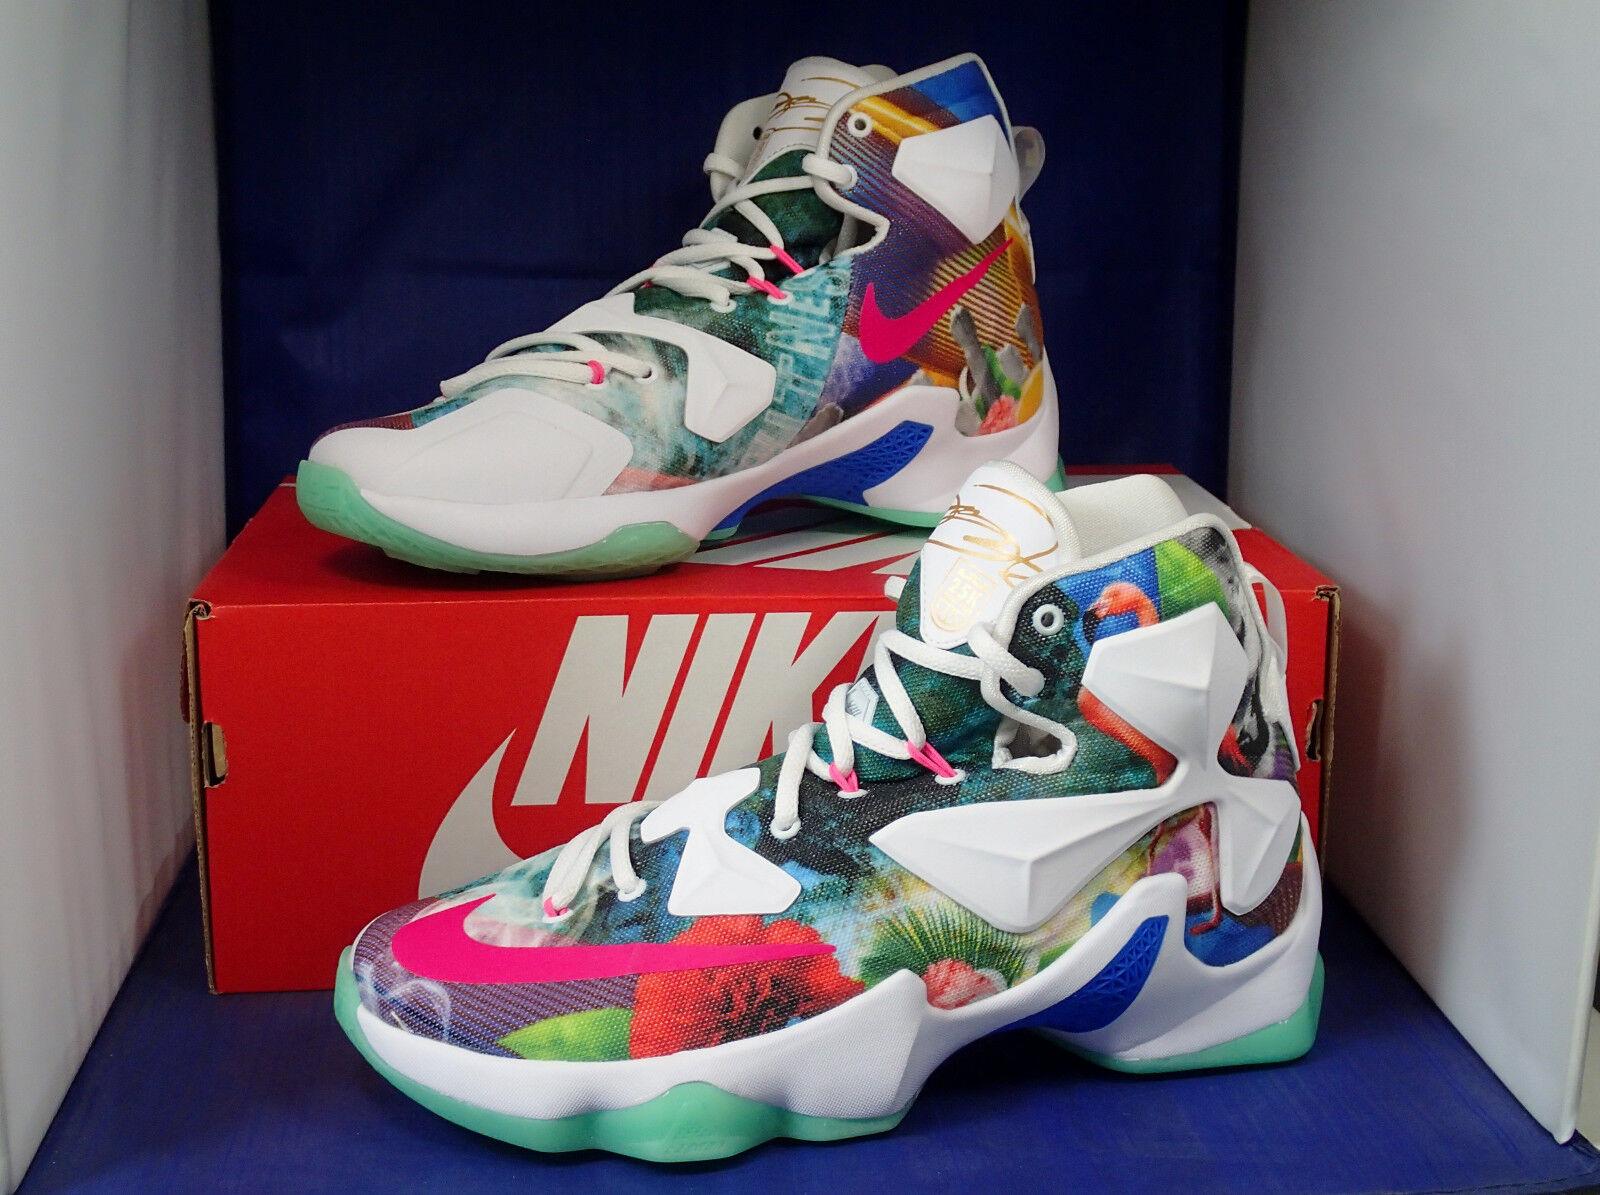 low priced 4c9cc dc044 ... Nike Lebron XIII 13 25K 25K 25K Point Club QS iD Flamingo Floral SZ 7  ...